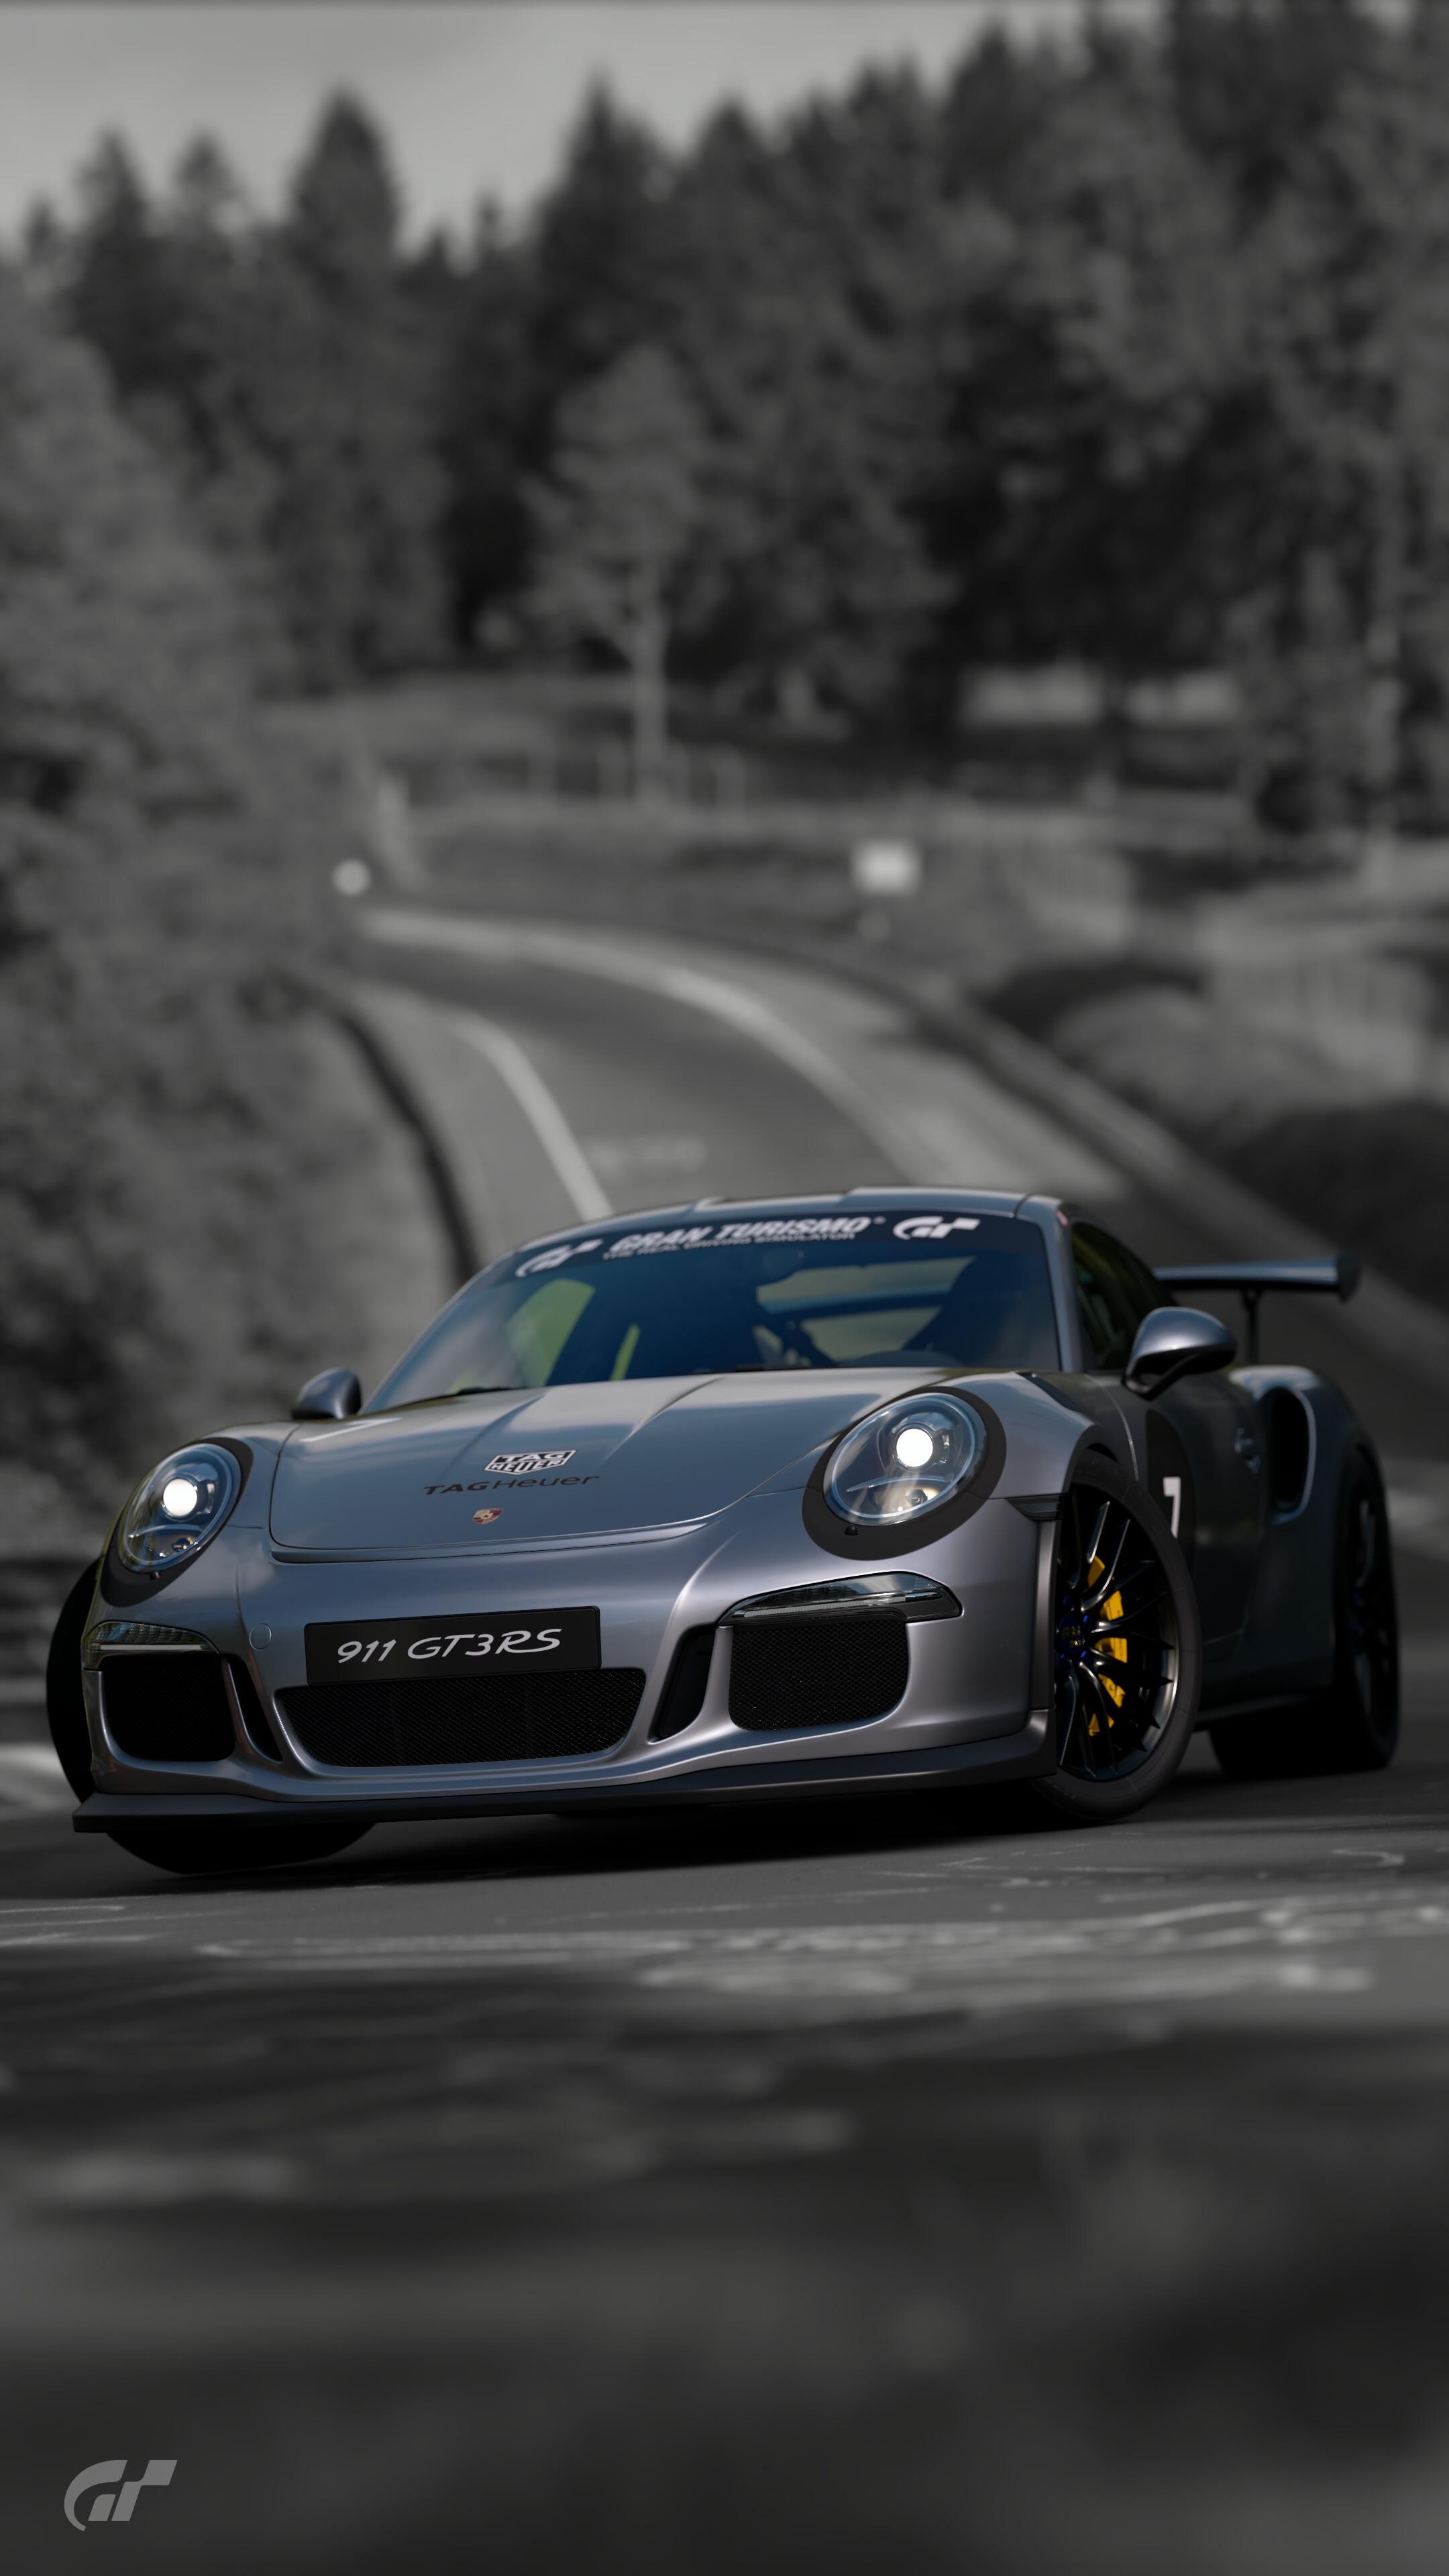 Porsche 911 Gt3 Rs Wallpaper Gt Sport